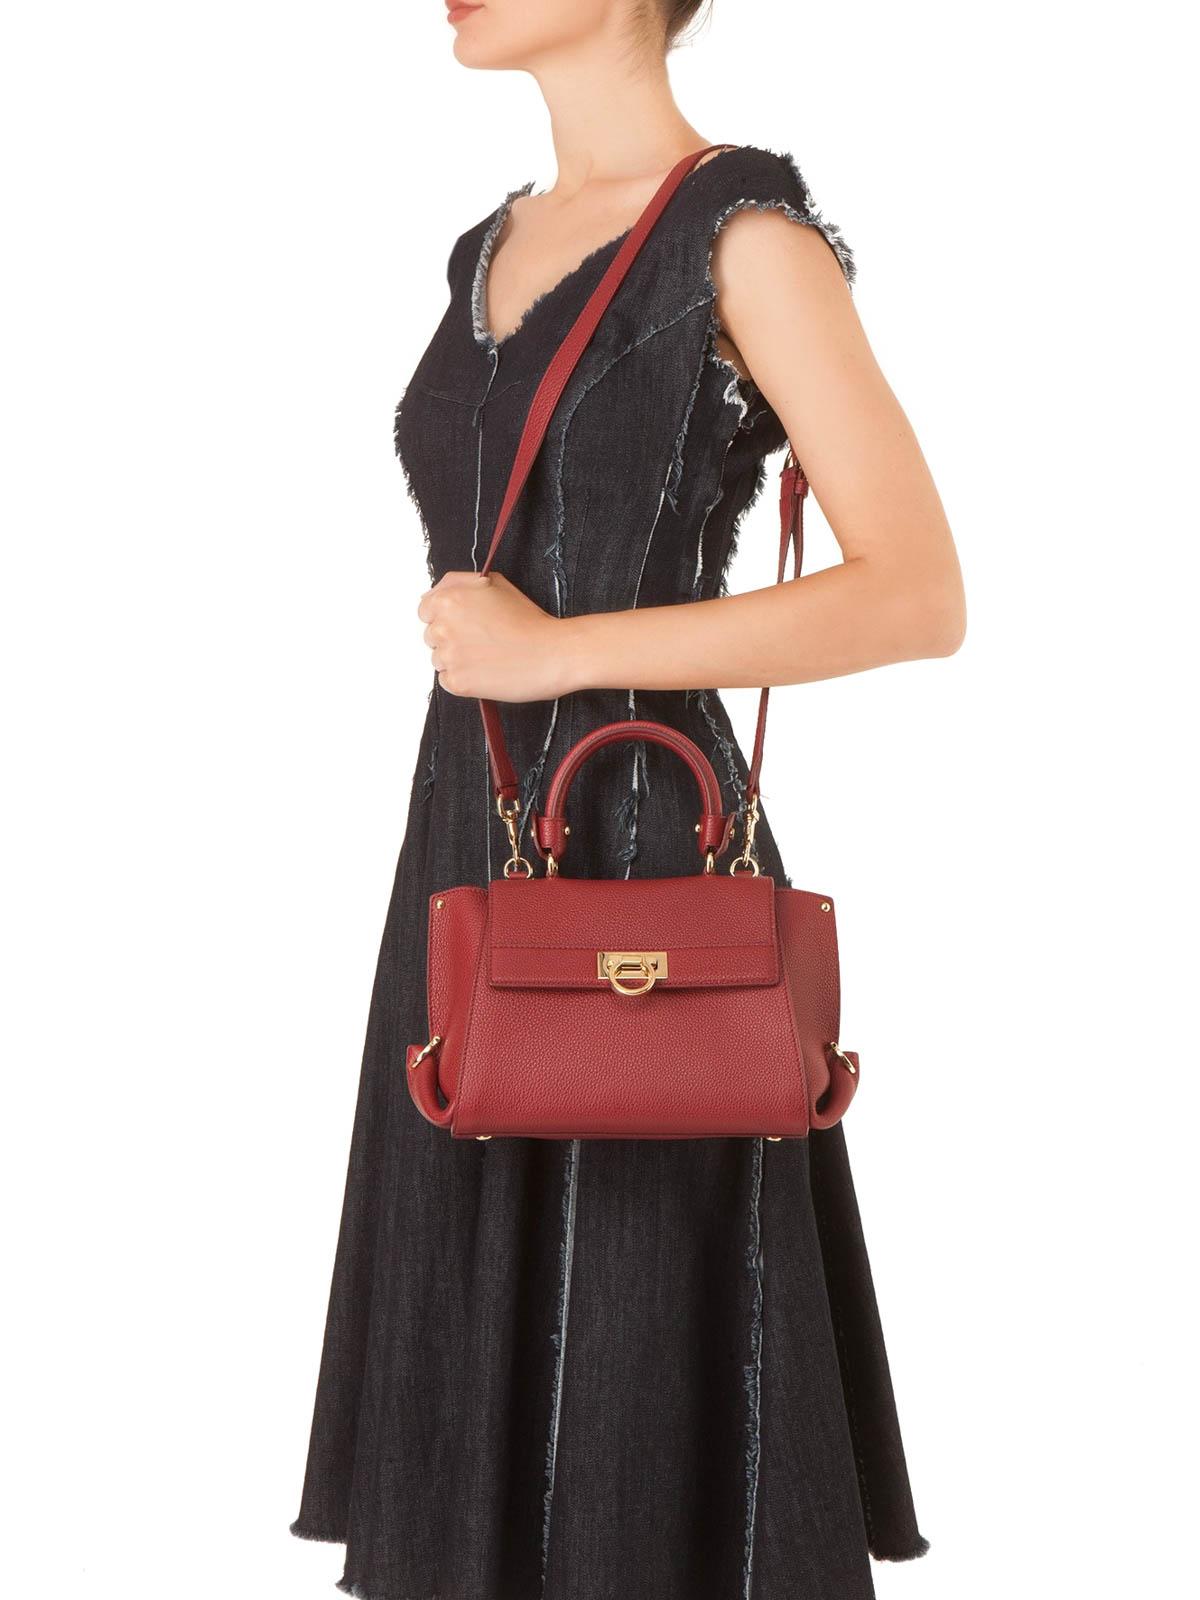 Salvatore Ferragamo - Sofia small tote - totes bags - 21F628 649204 0db0159f0b667